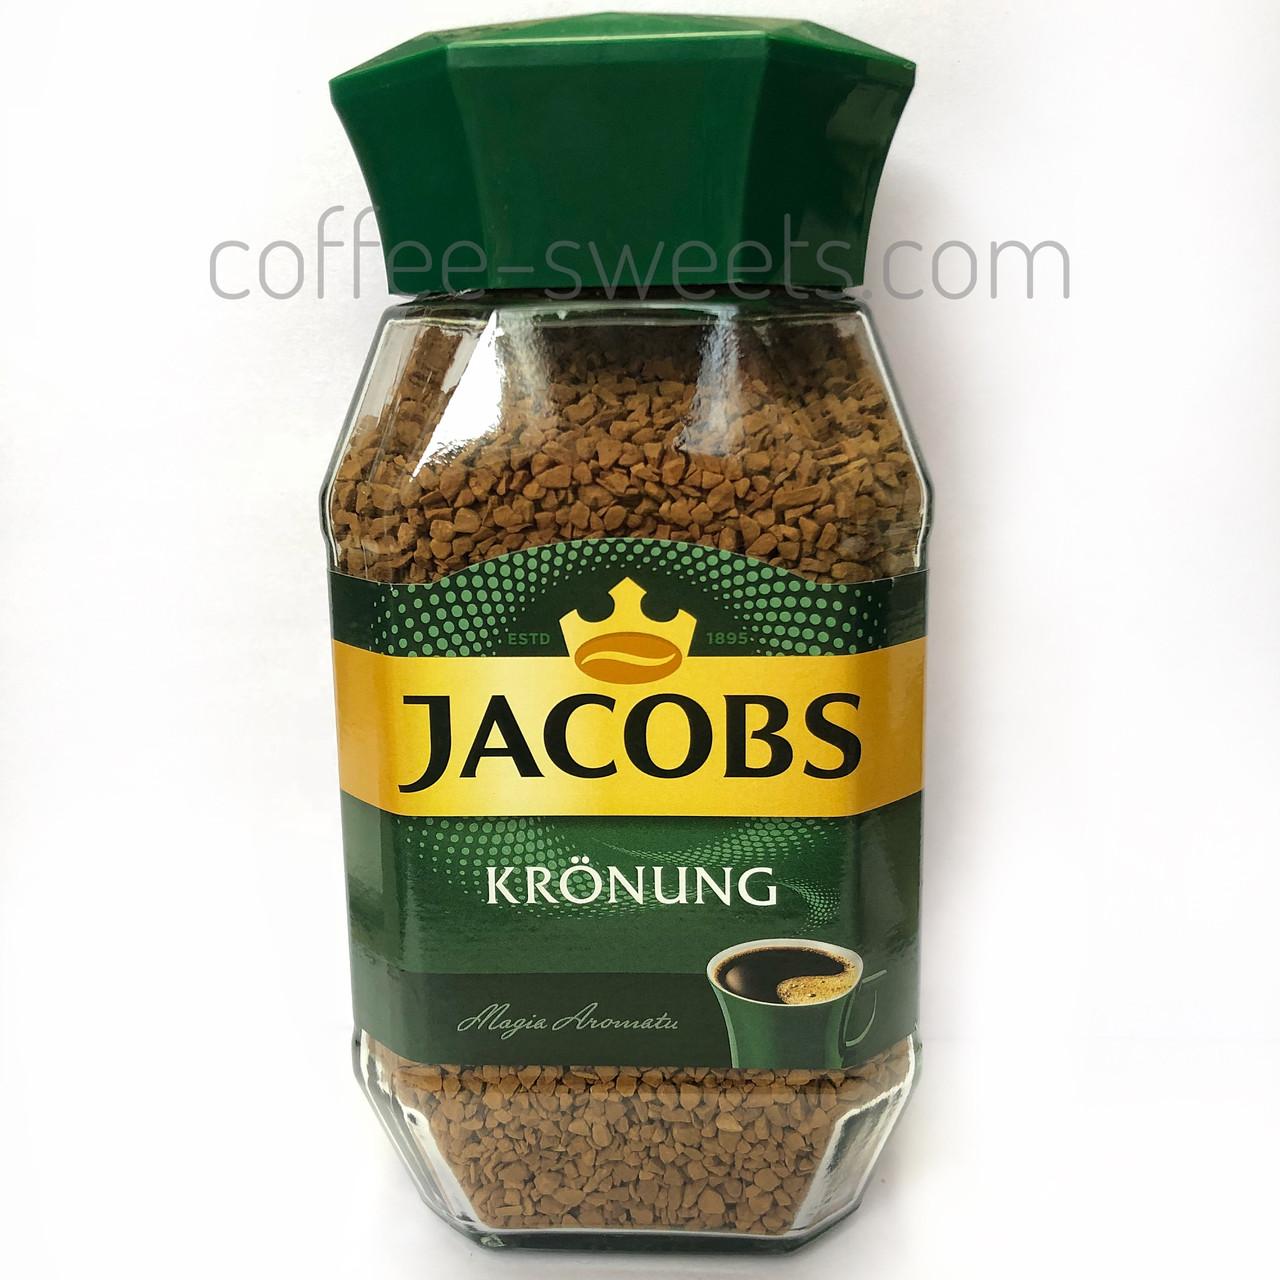 Кофе растворимый Jacobs kronung 200g